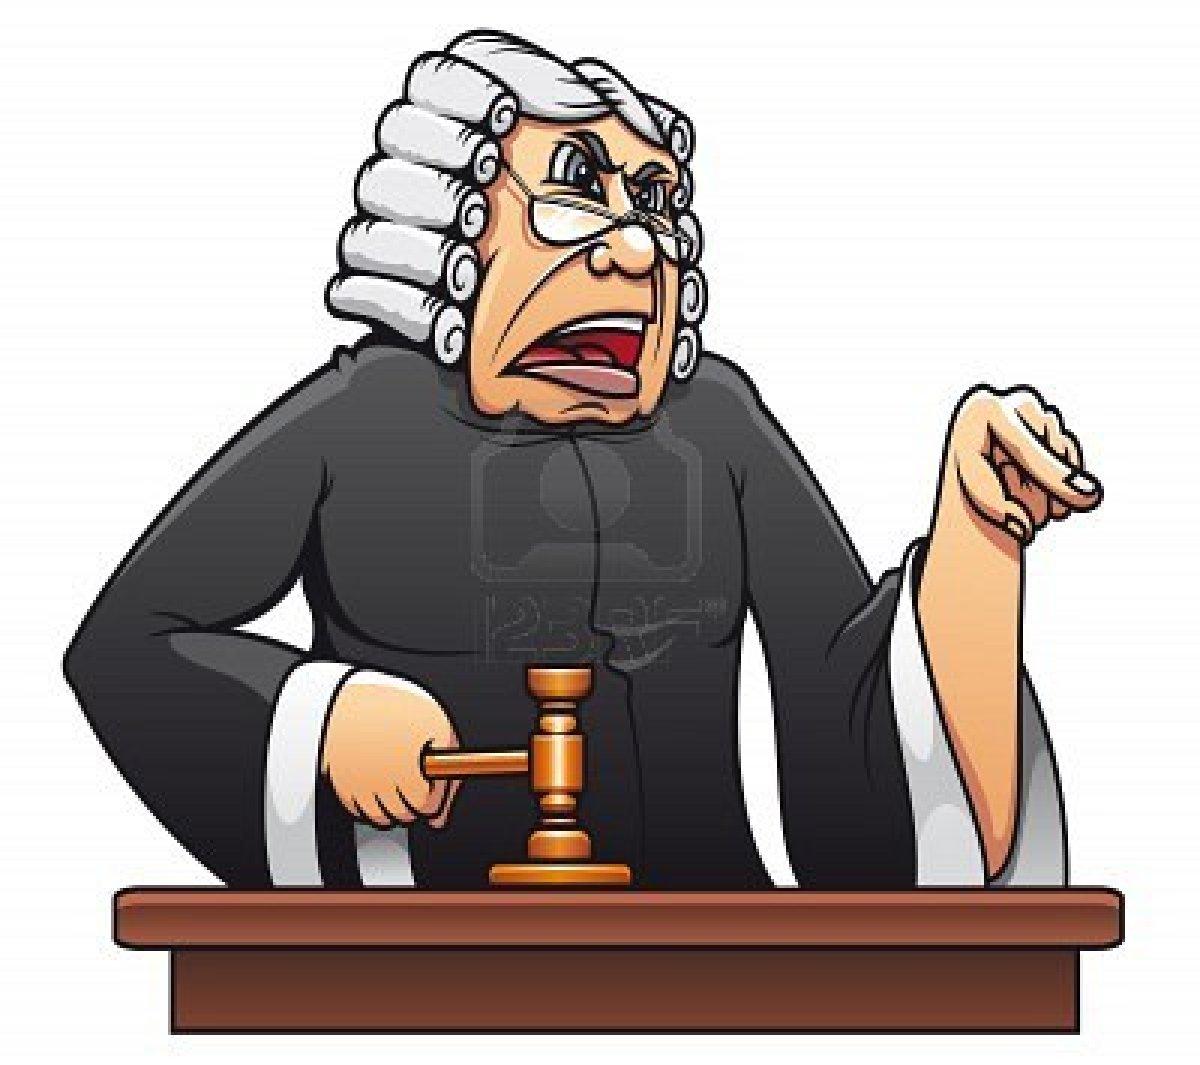 Judge Cartoon Clipart